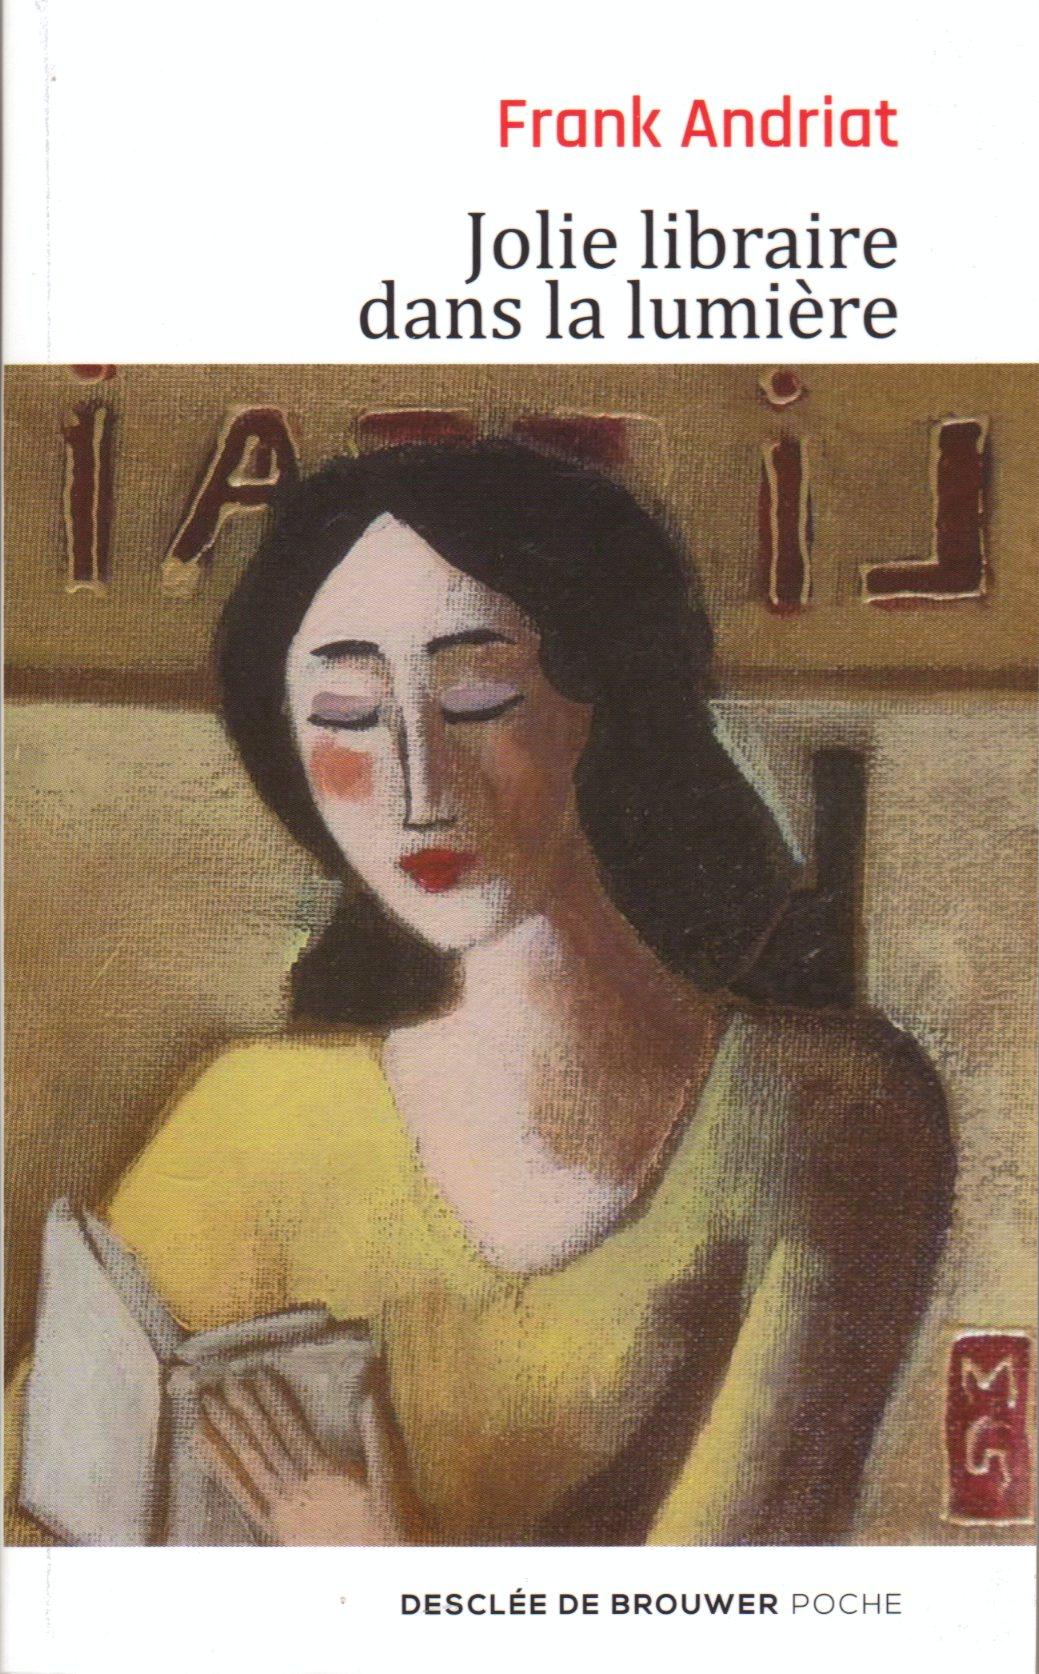 Jolie libraire dans la lumière, Frank Andriat